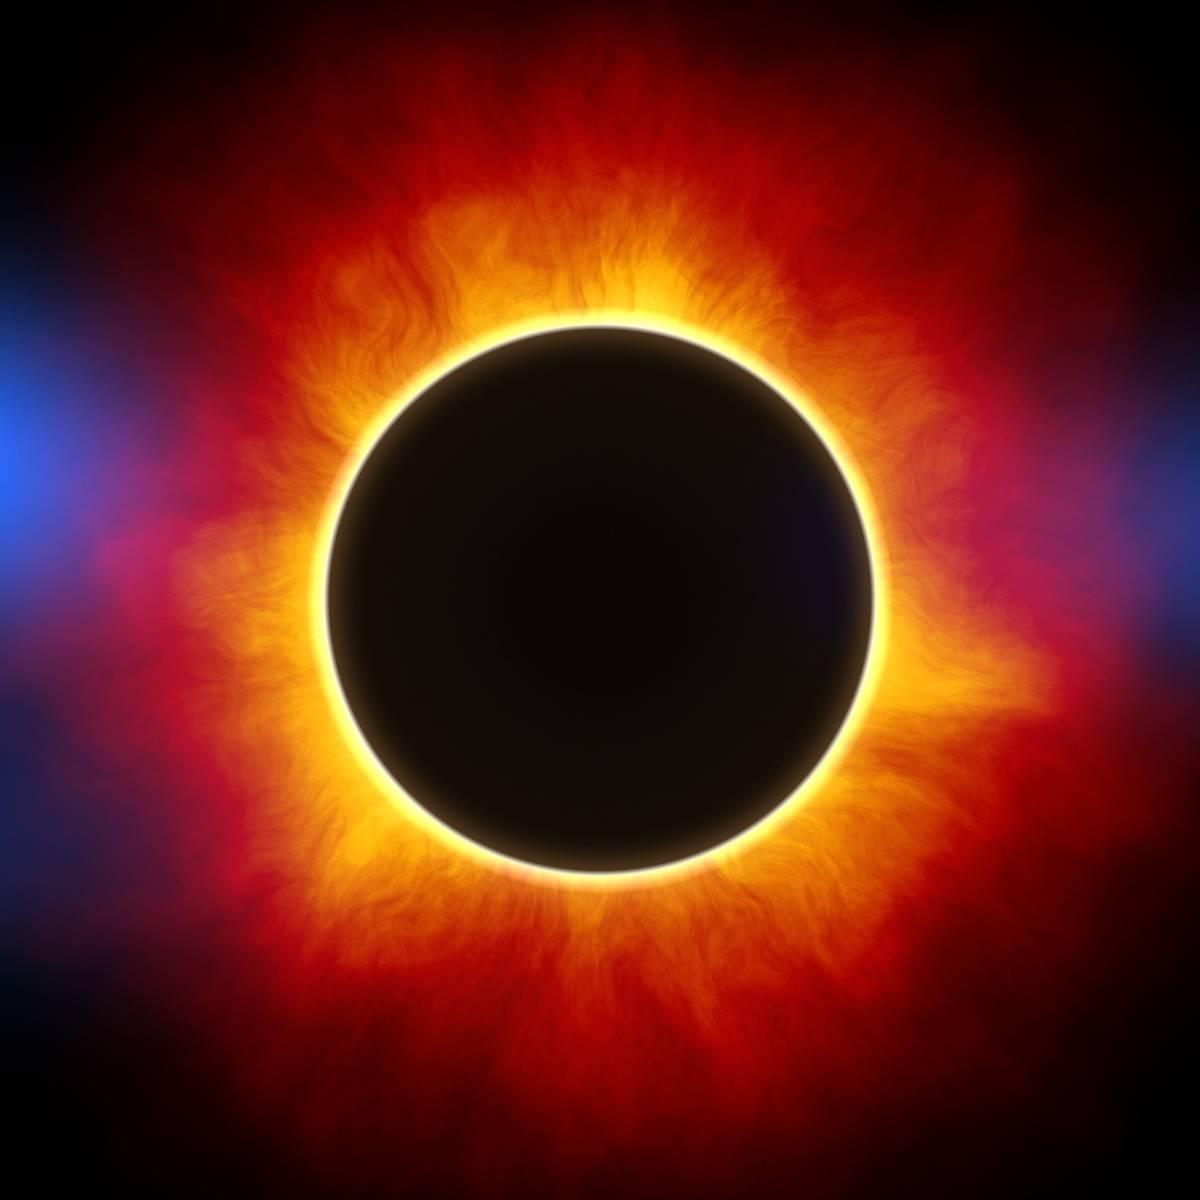 corona mørk måne med lys rundt